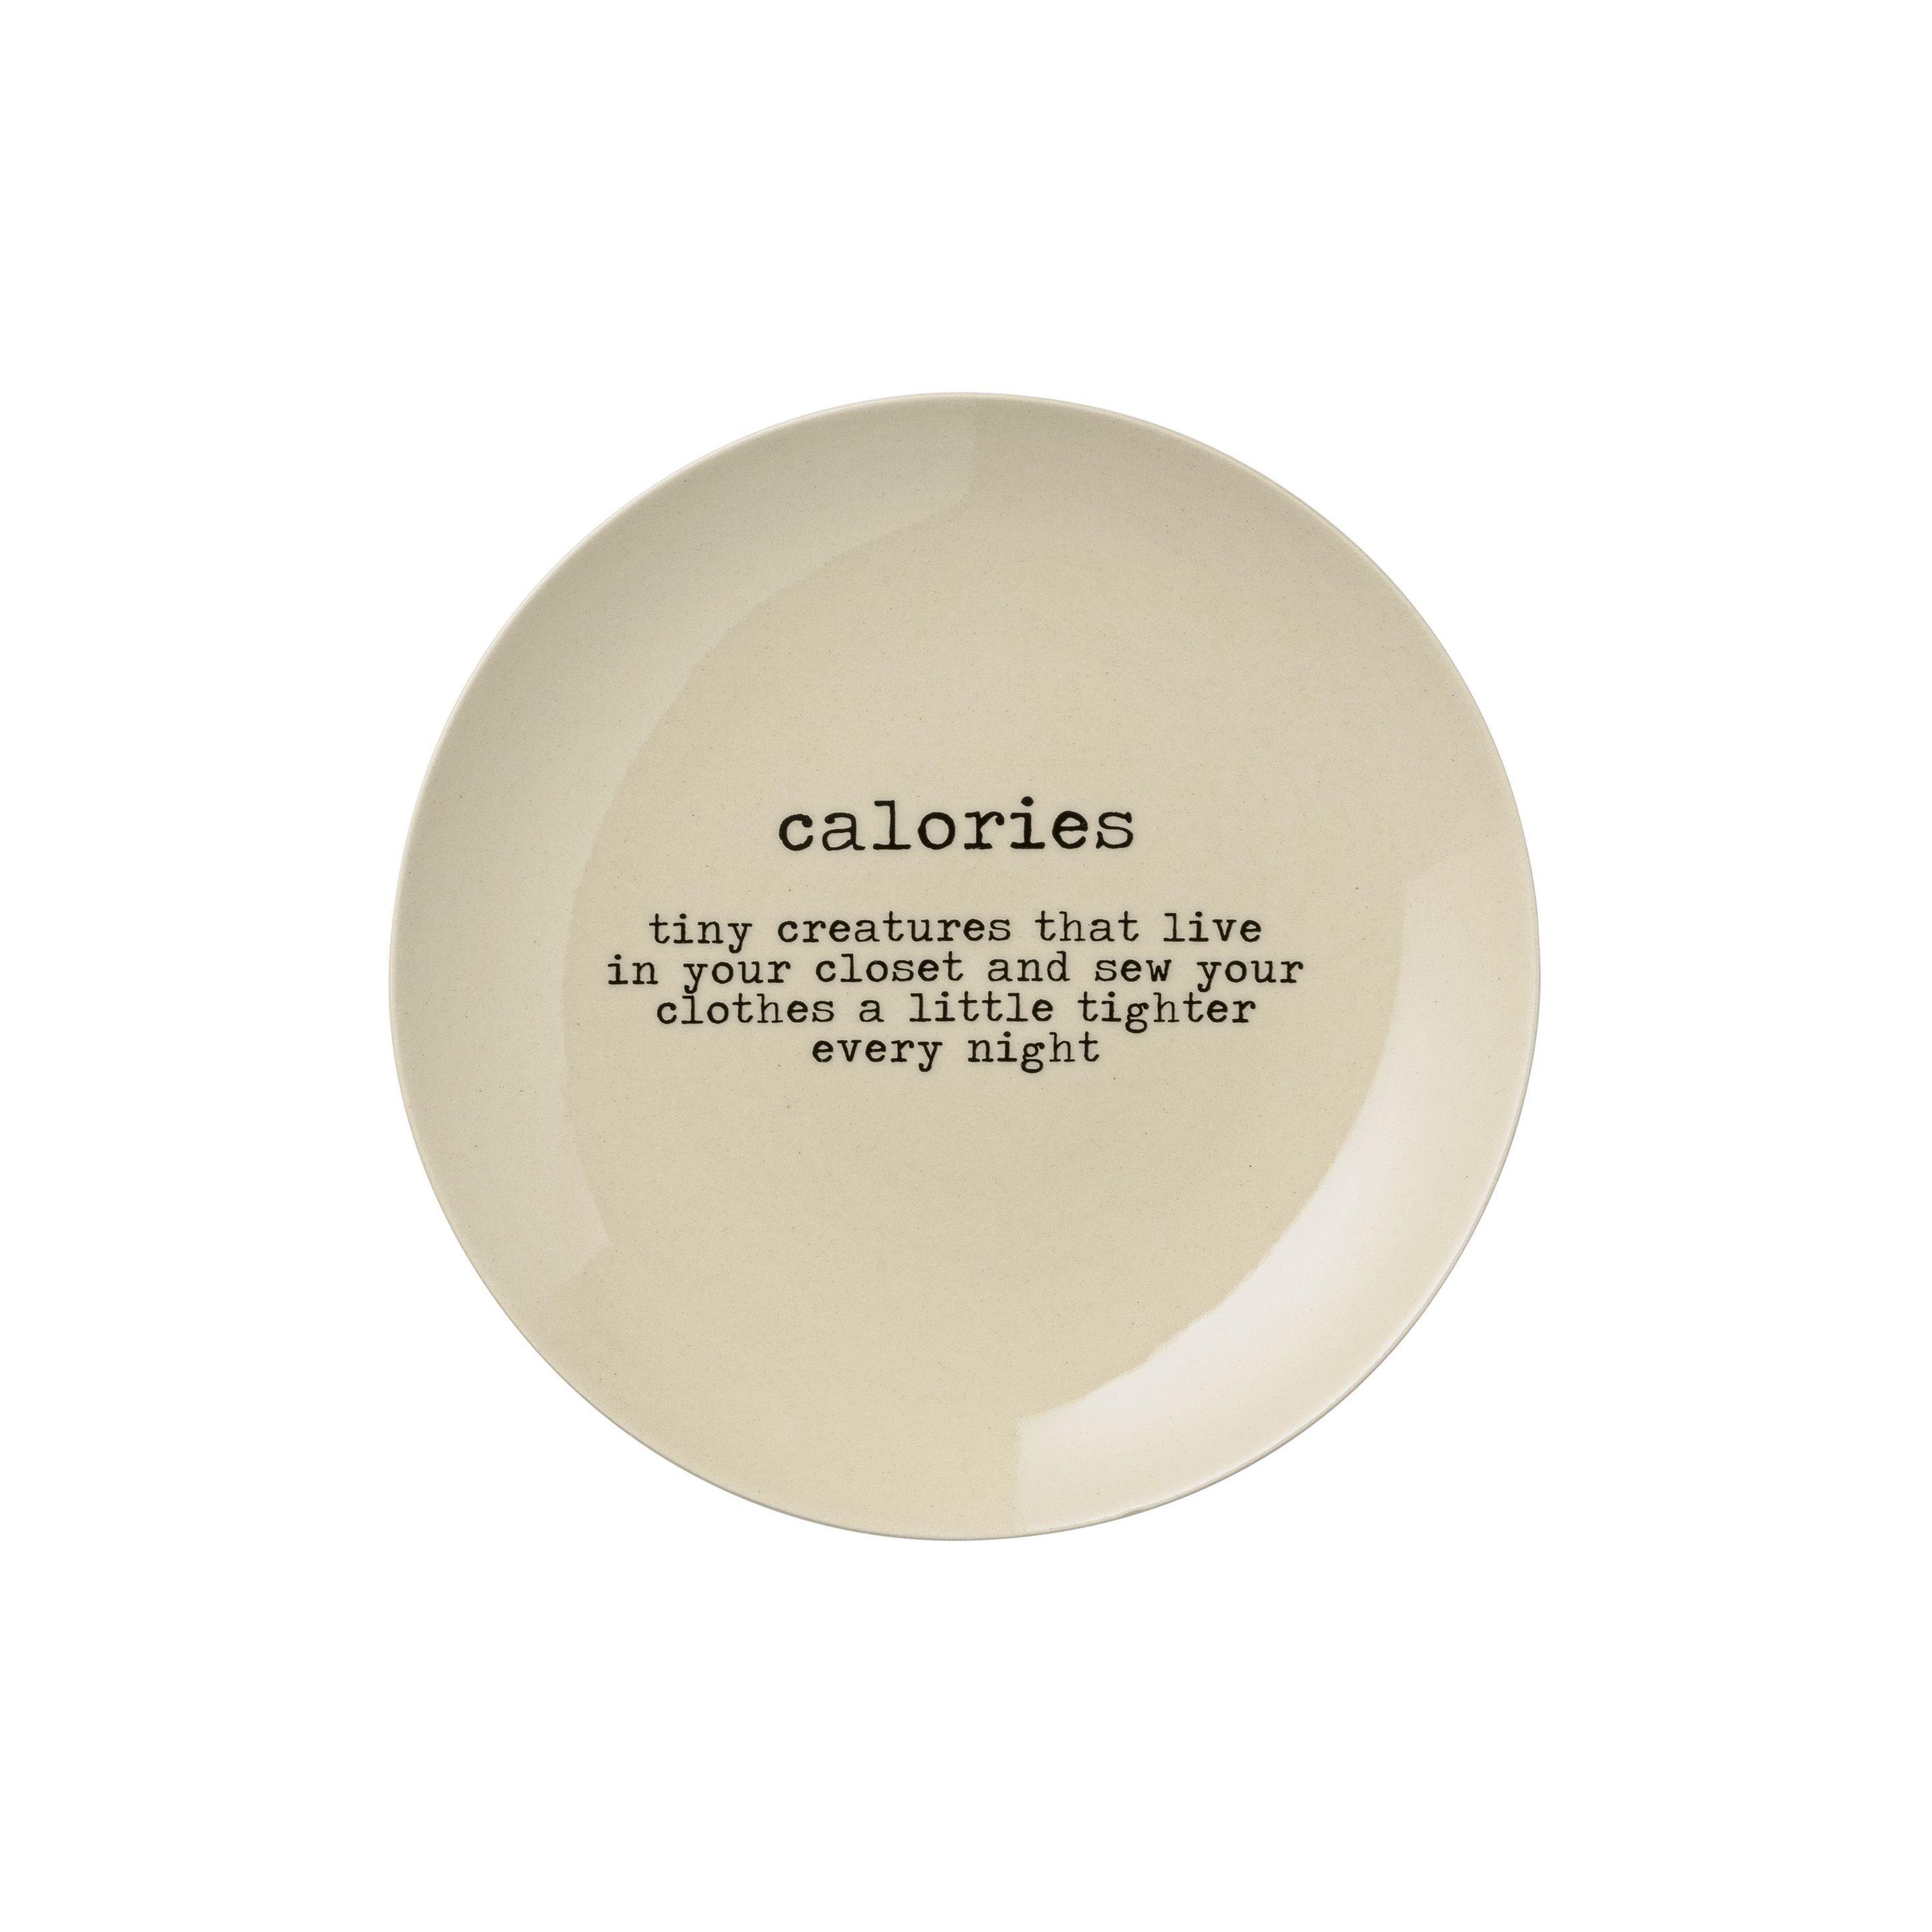 Assiette Josephine - Calories